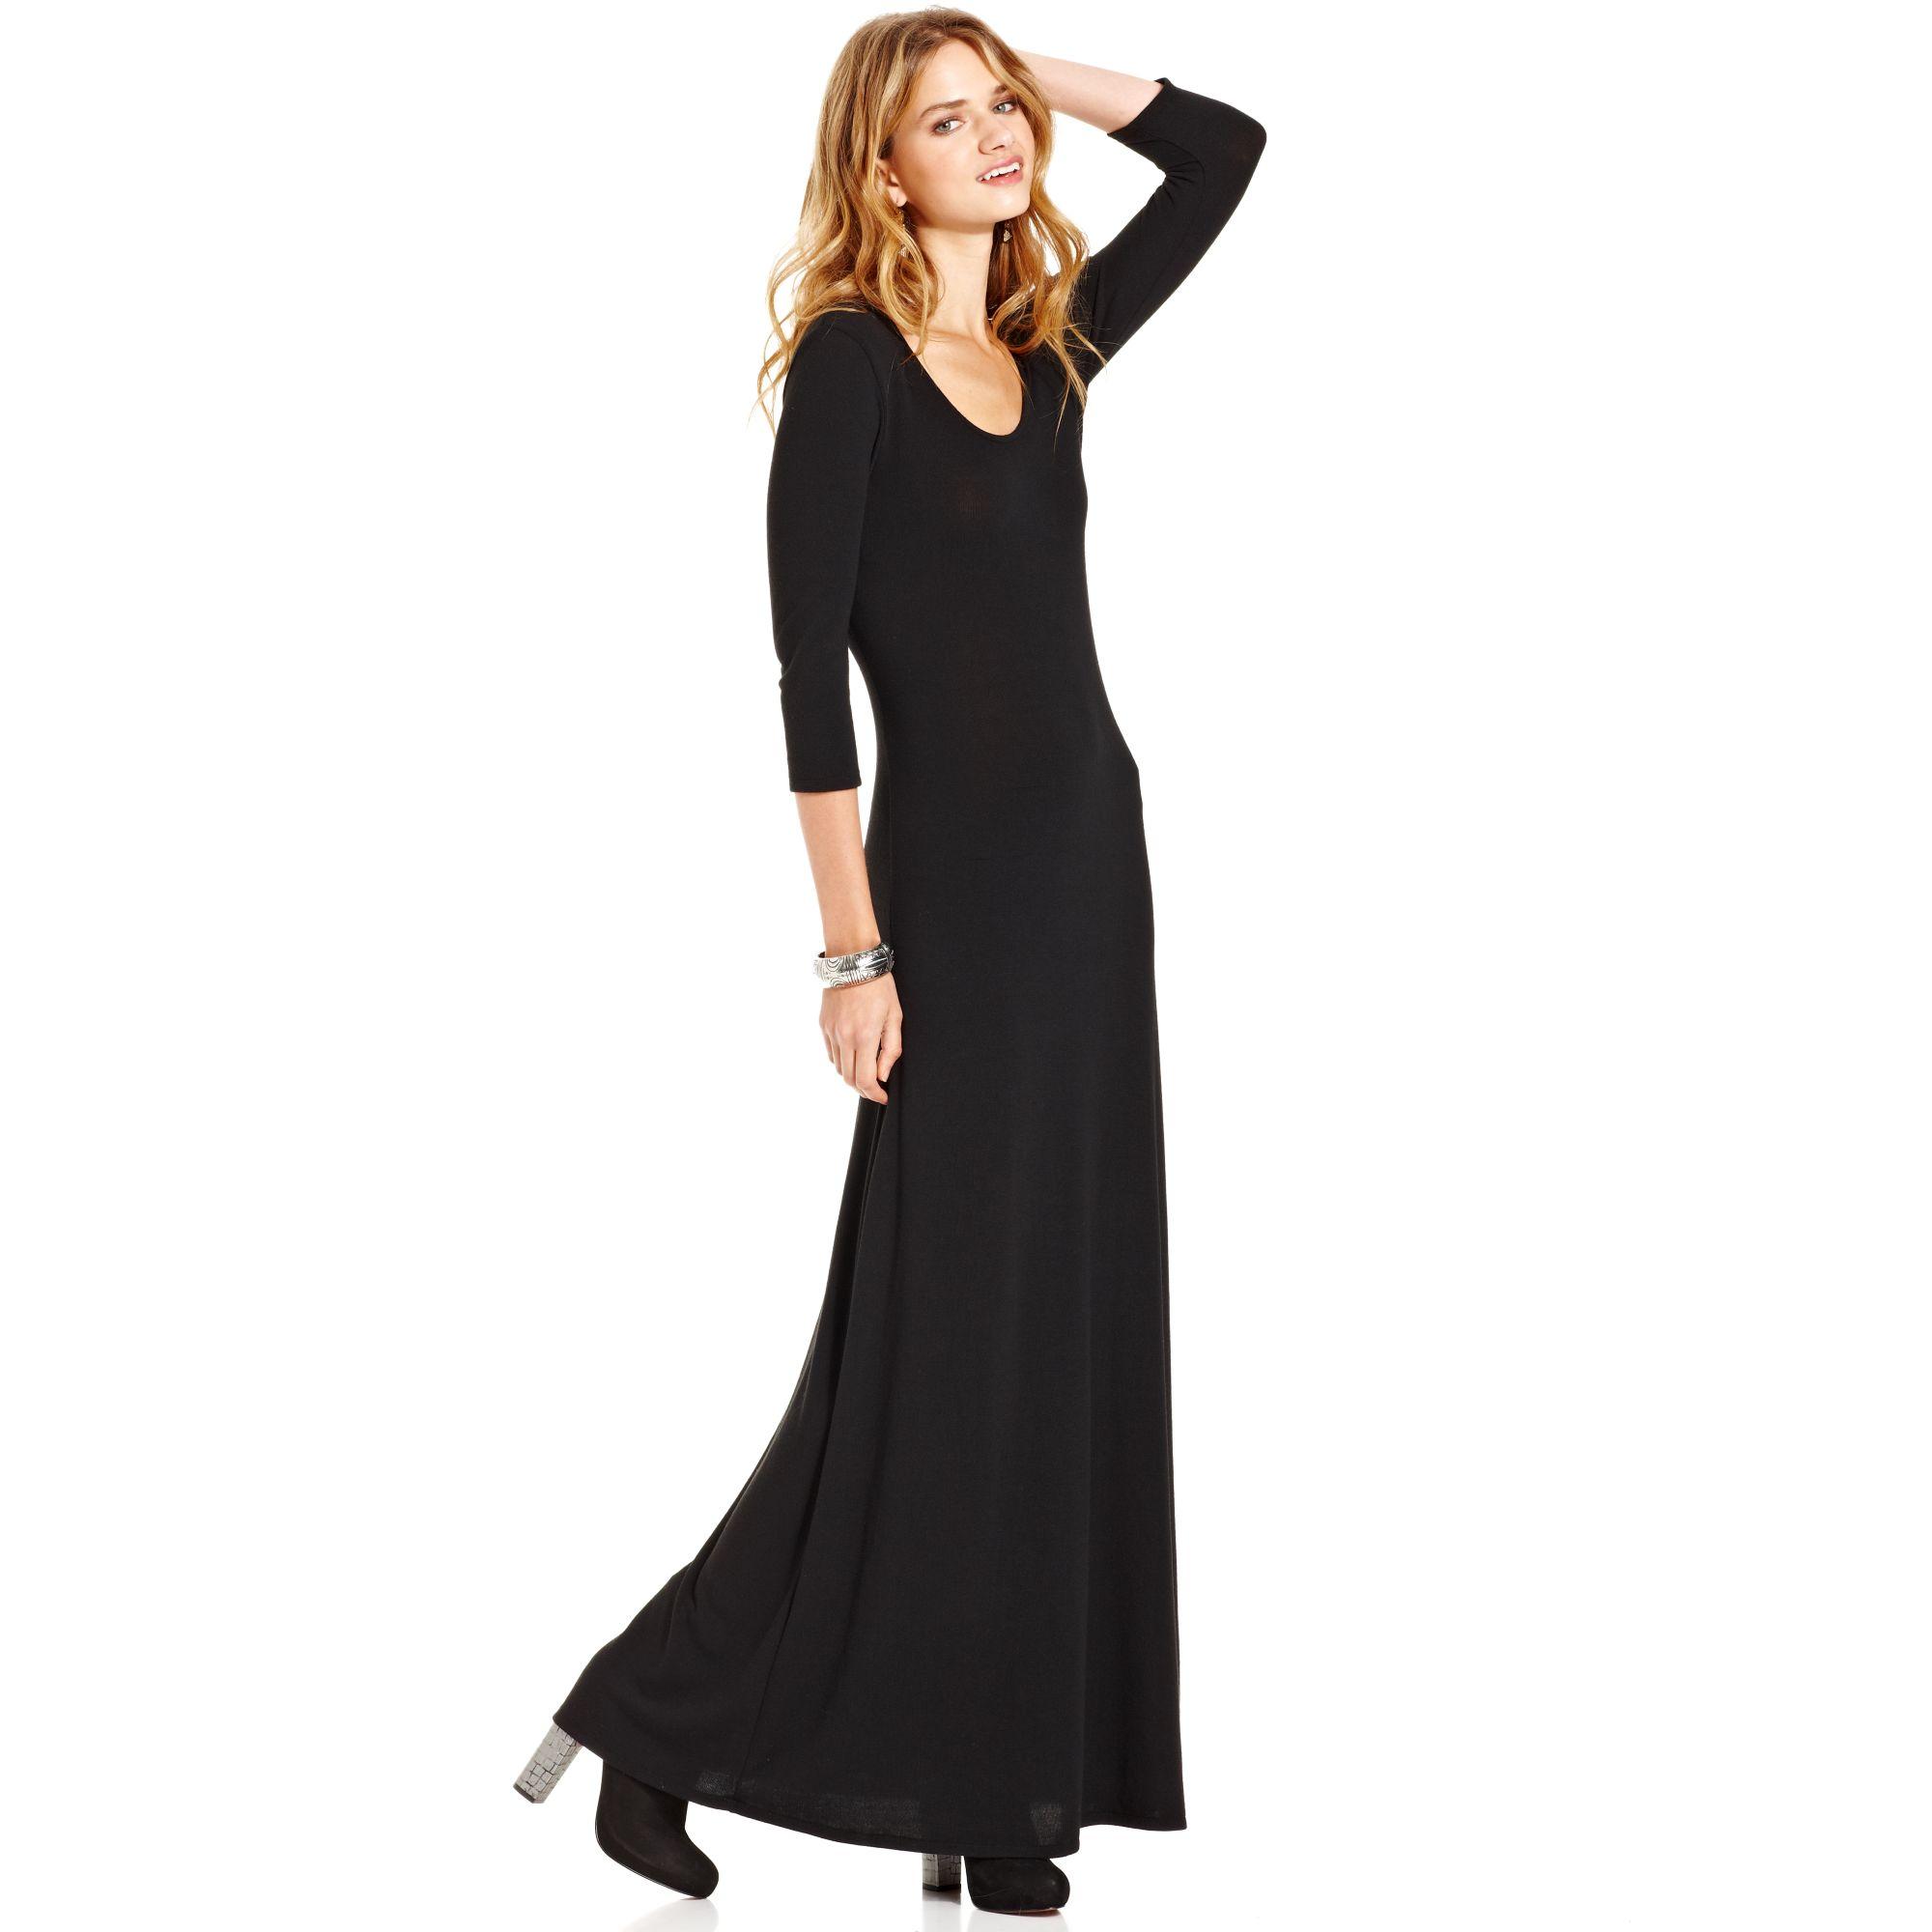 Macys Ls Sweater Knit Maxi Dress In Black - Lyst-6867